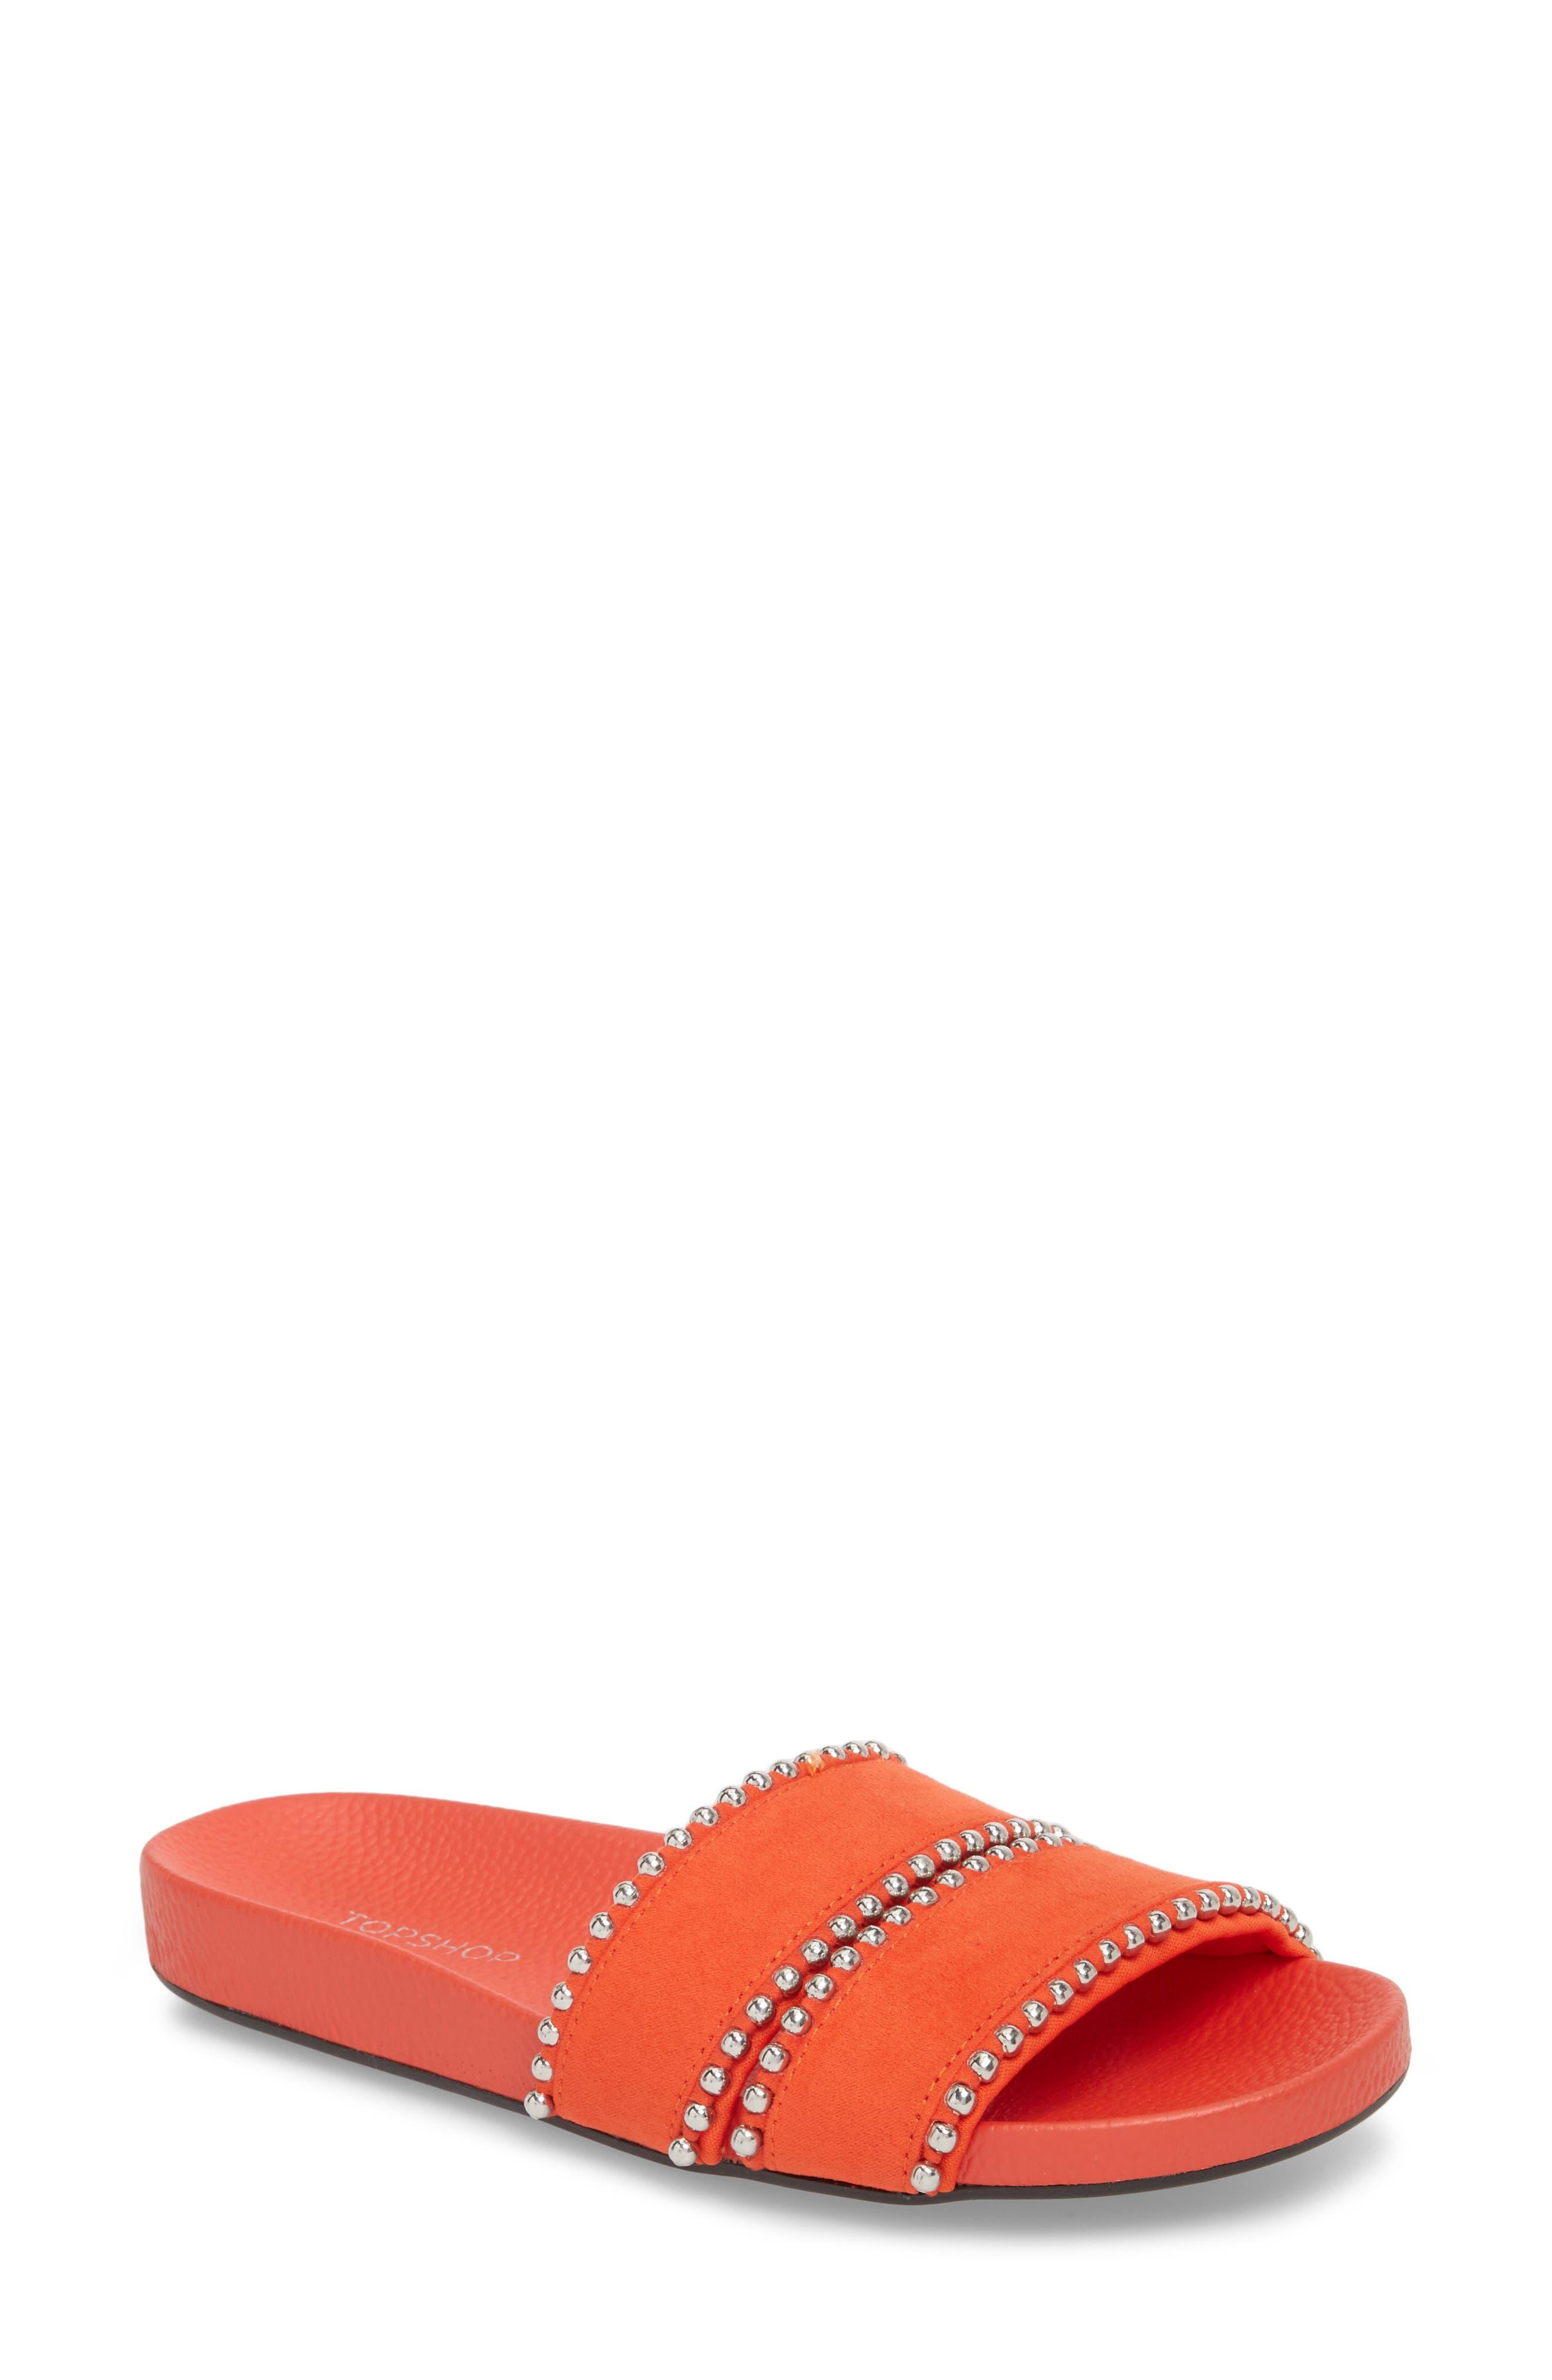 Rascal Studded Slide Sandal,                         Main,                         color, Red